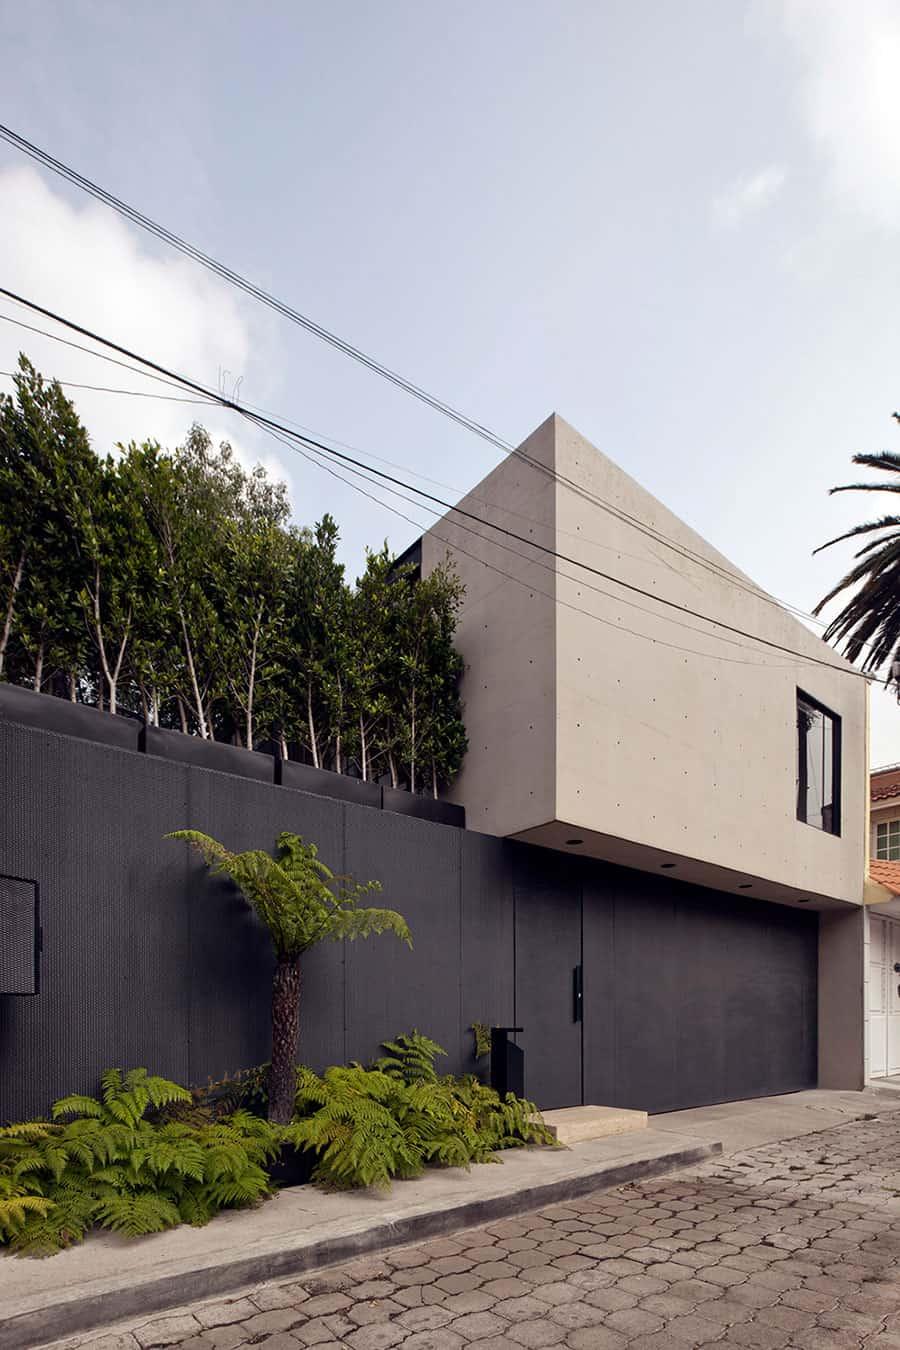 CEH by CCA Centro de Colaboración Arquitectónica (1)